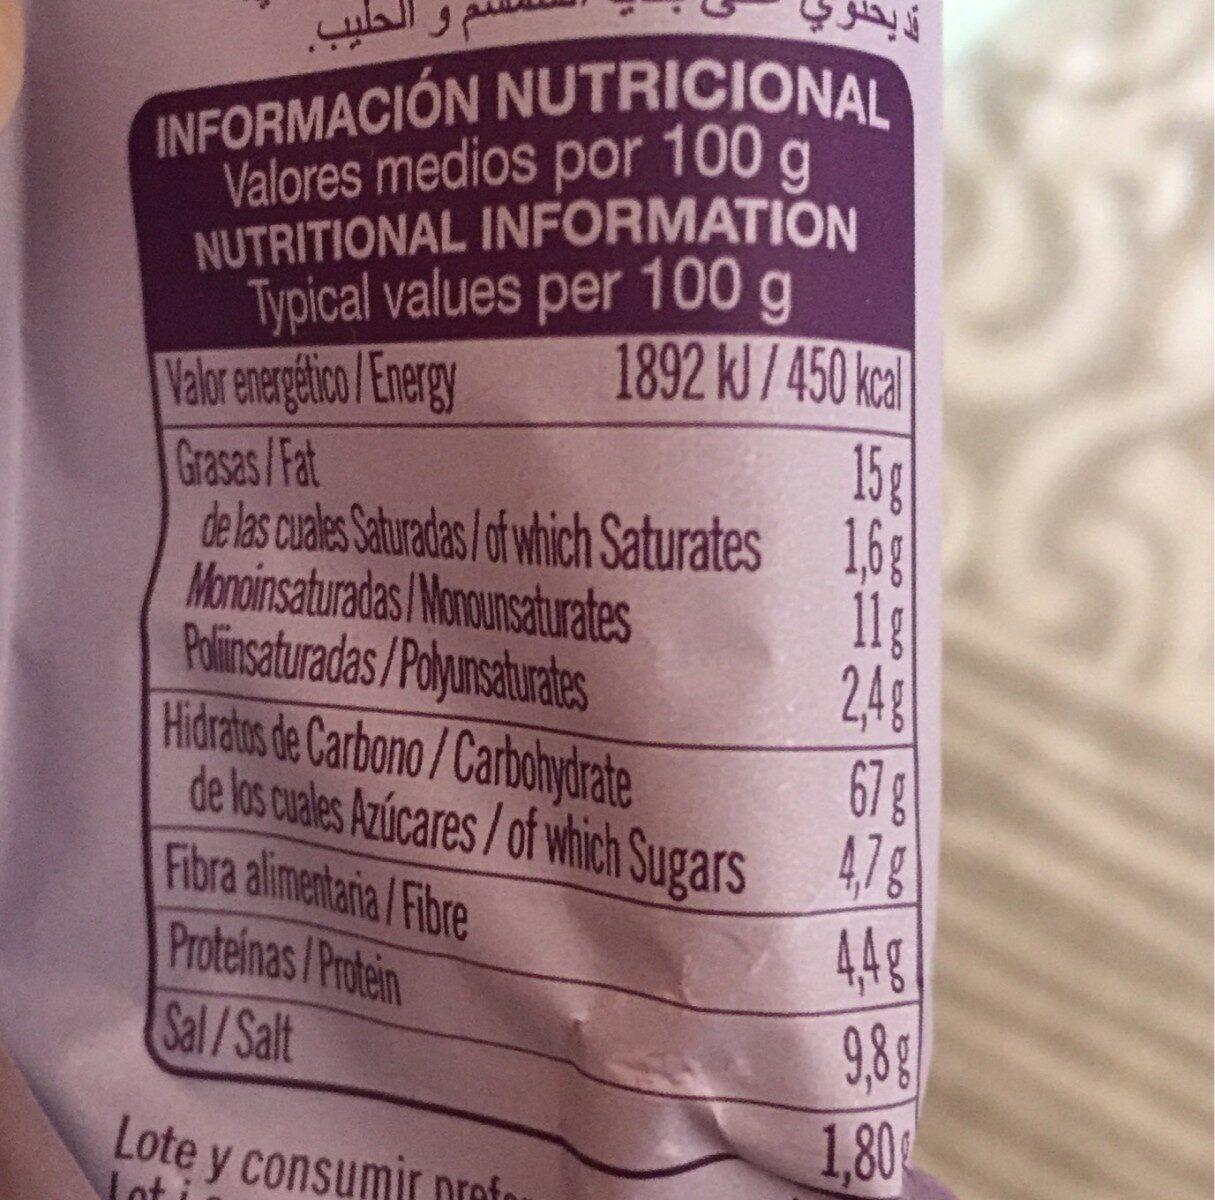 Palitos con semillas de chía - Informations nutritionnelles - es